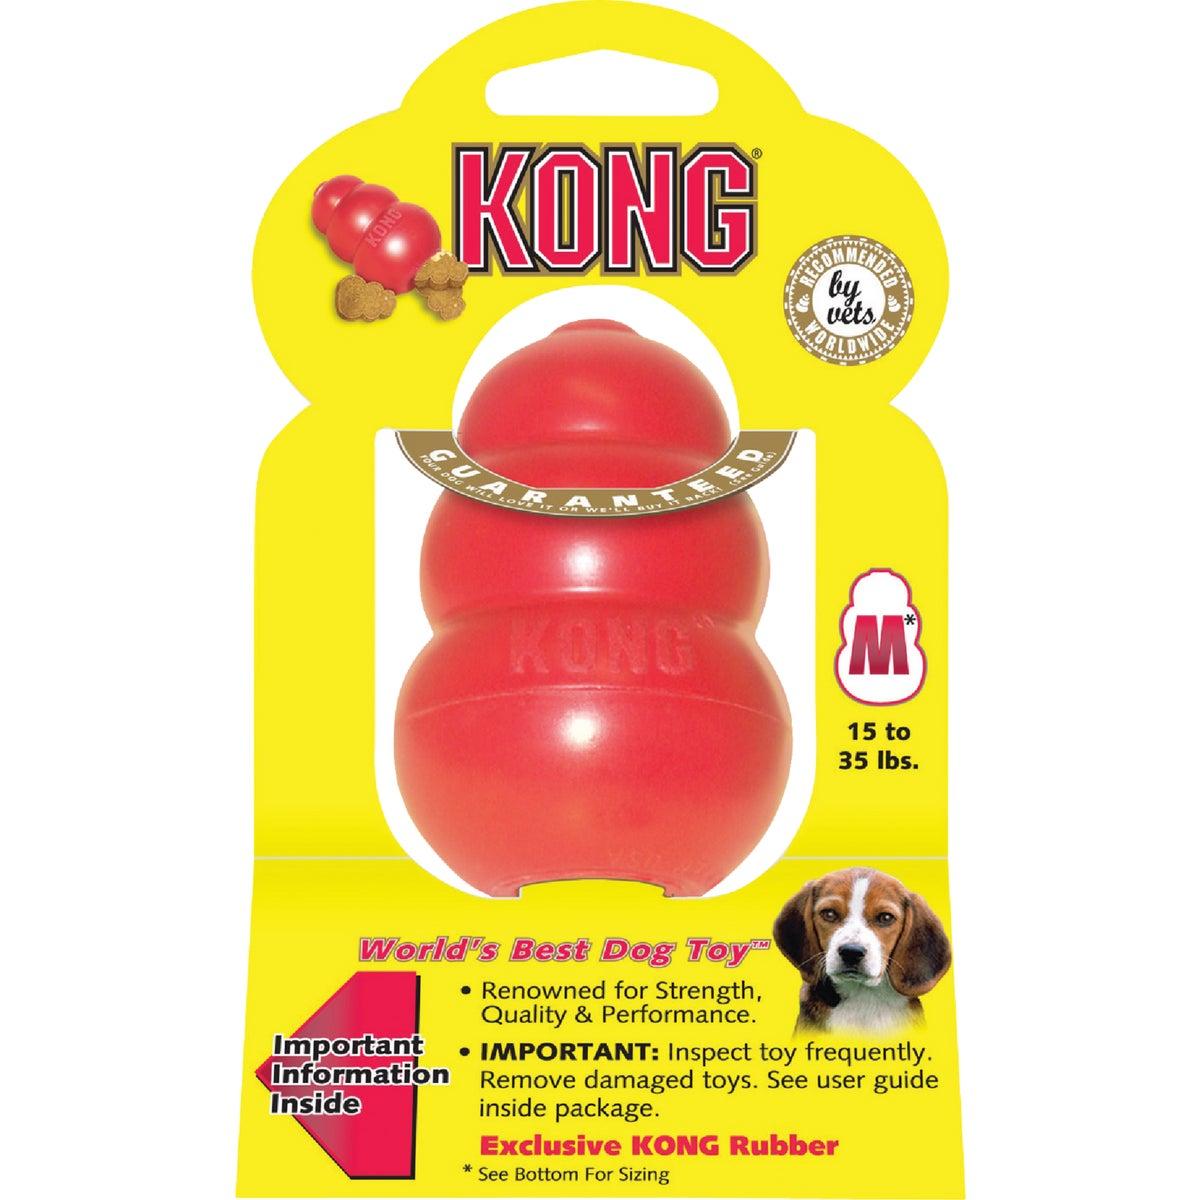 MEDIUM RED KONG DOG TOY